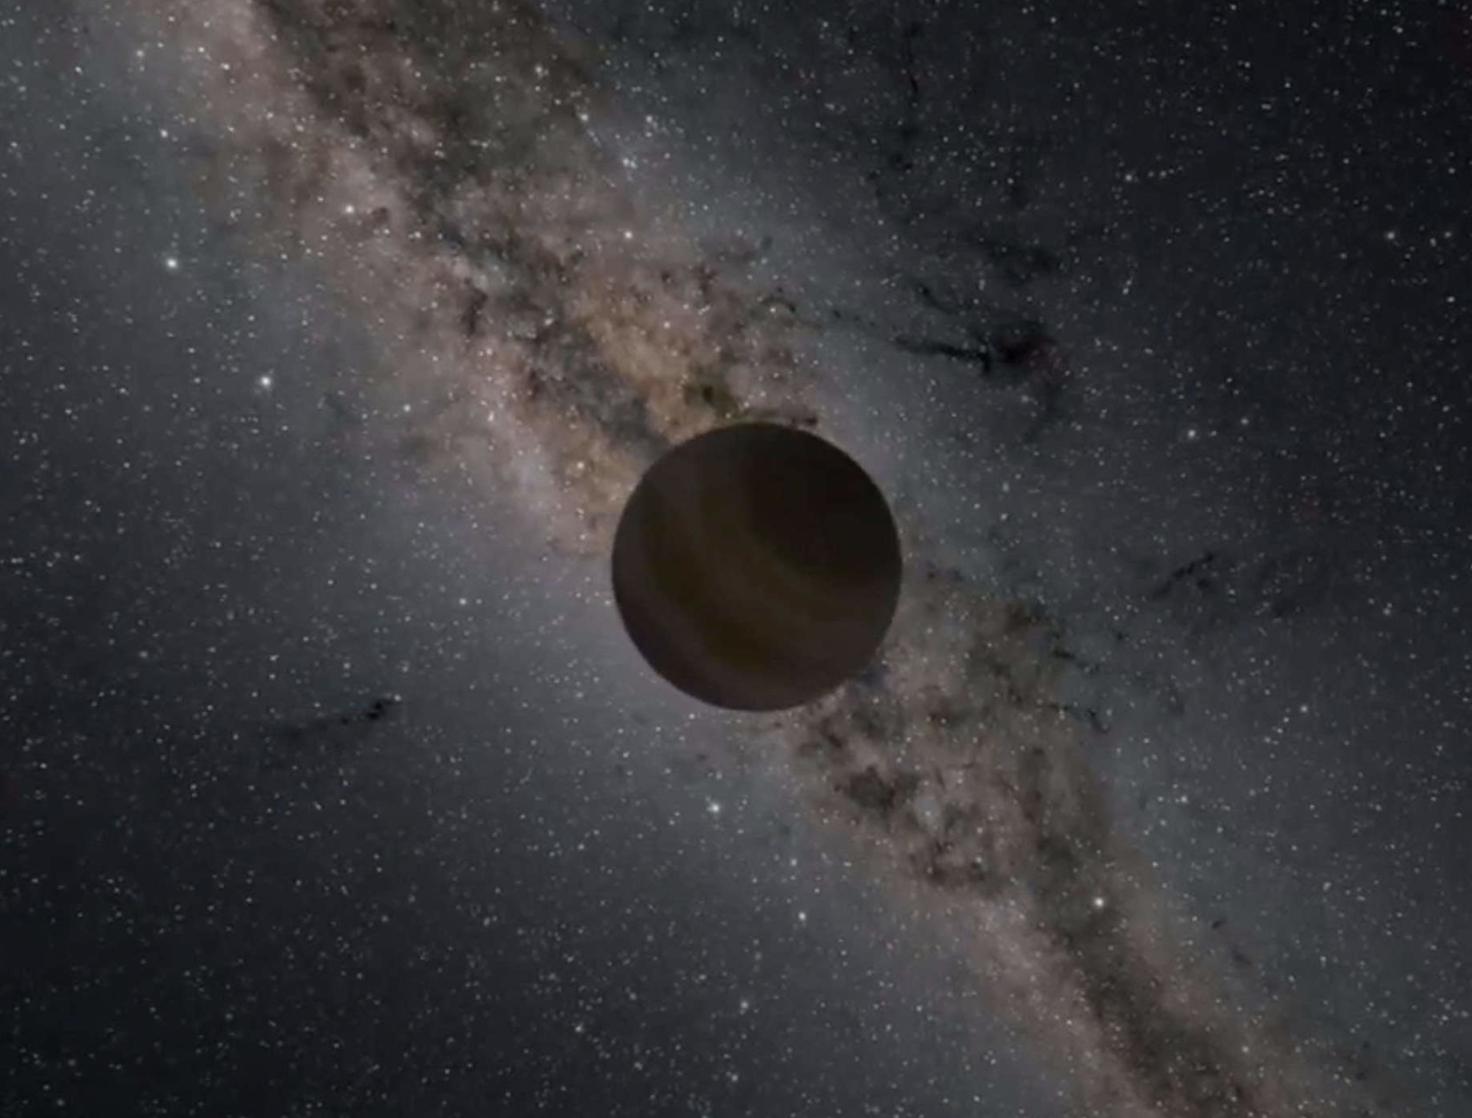 Astrónomos encuentran un candidato a planeta errante flotando libremente en la Vía Láctea